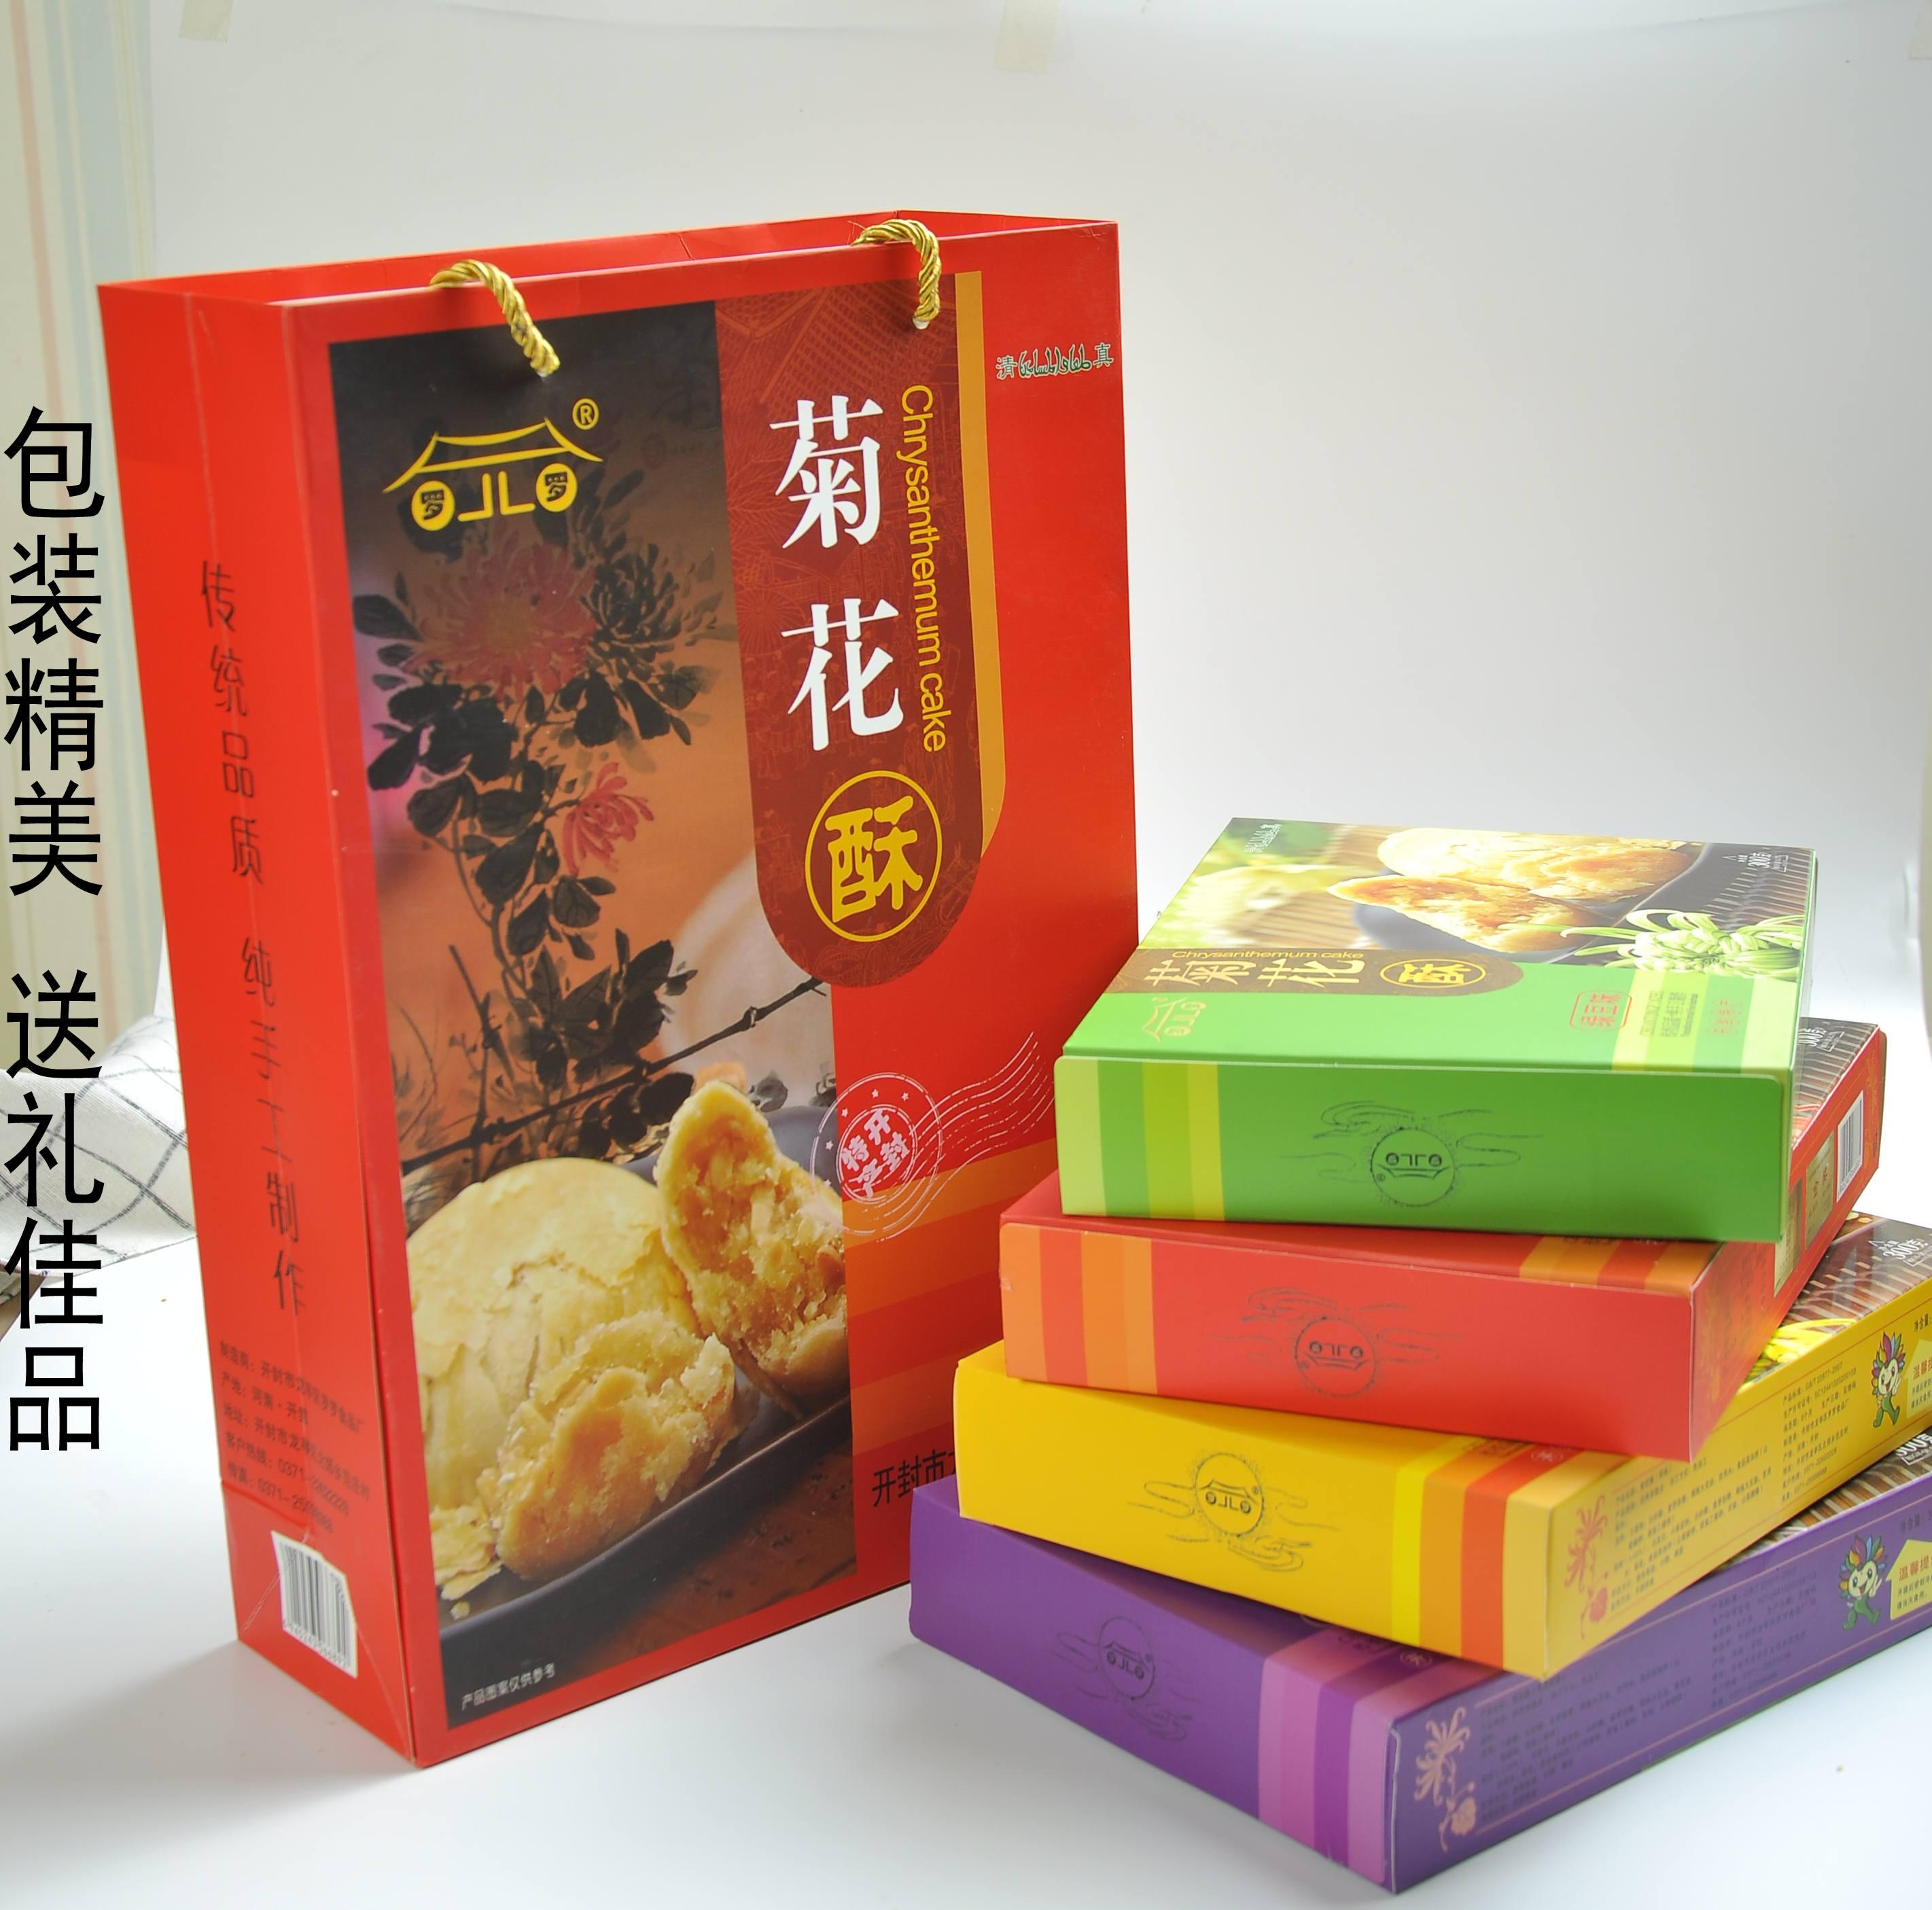 罗罗菊花酥300g开封特产菊花饼清真糕点传统手工糕饼